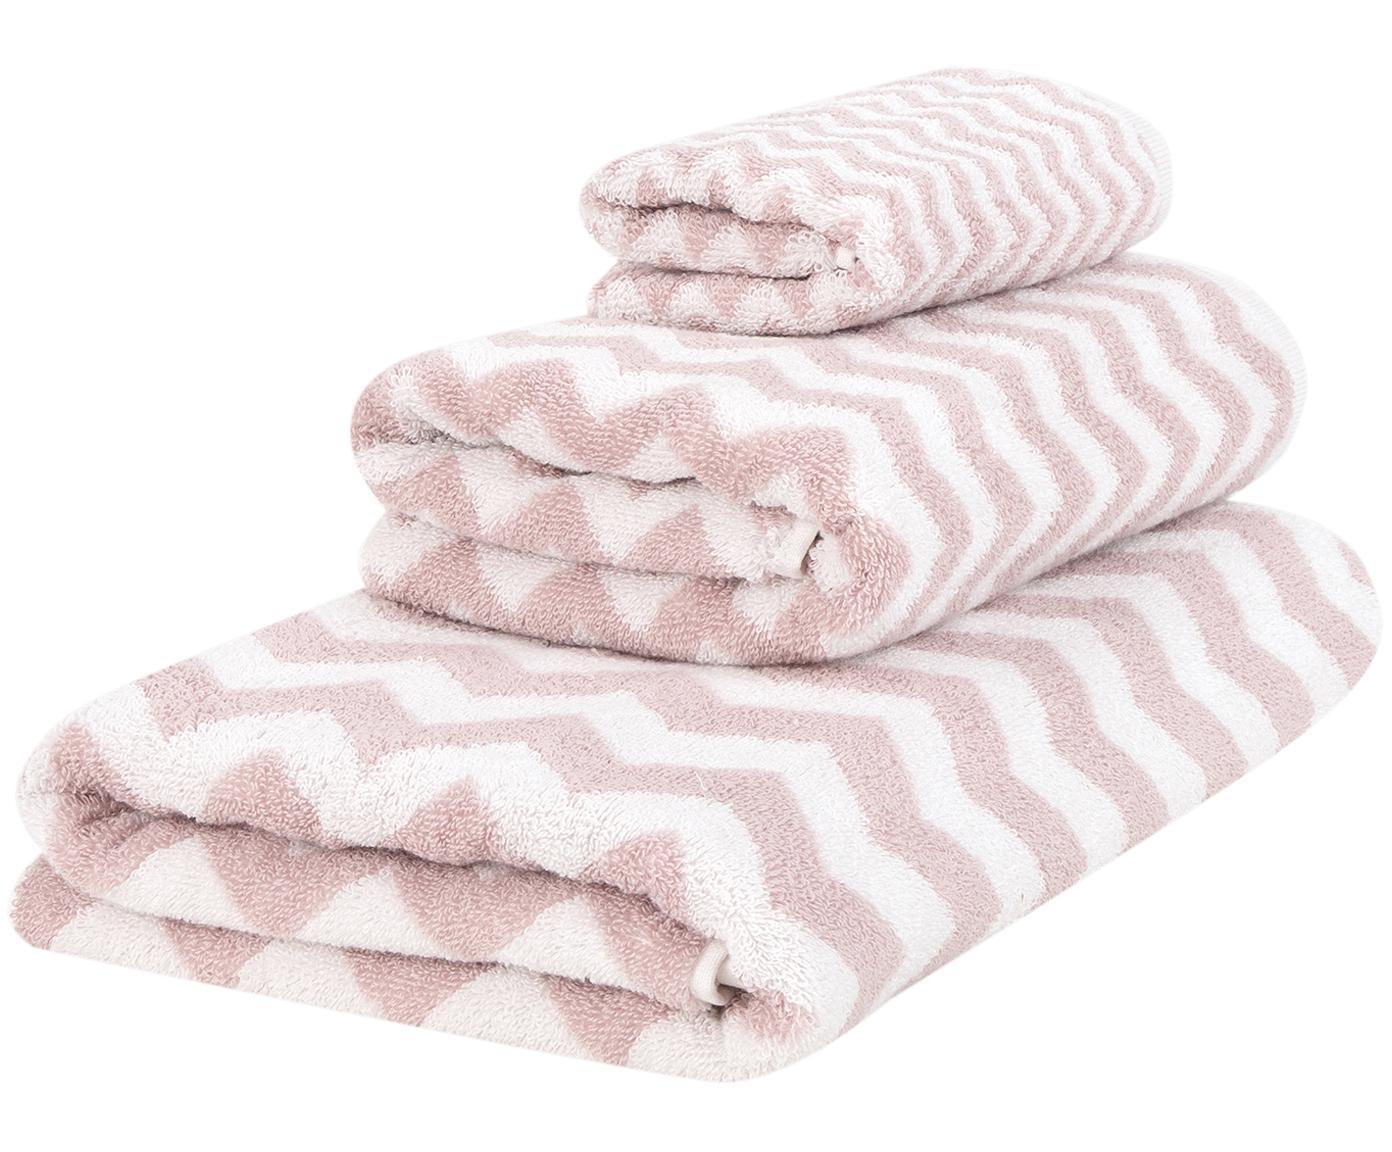 Handtuch-Set Liv mit Zickzack-Muster, 3-tlg., Rosa, Cremeweiss, Verschiedene Grössen